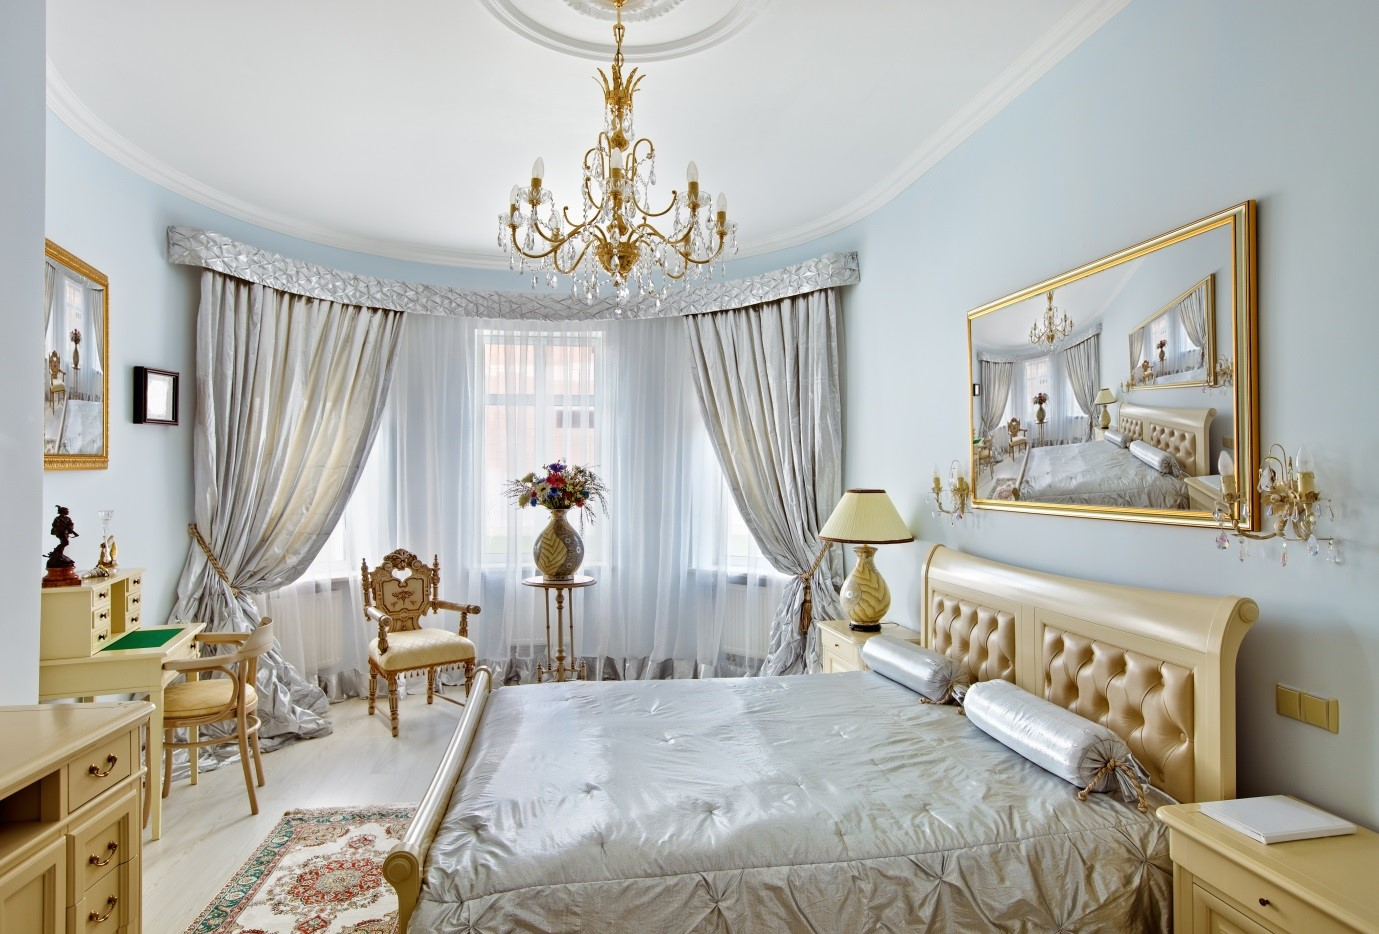 Шторы в стиле рококо в спальне